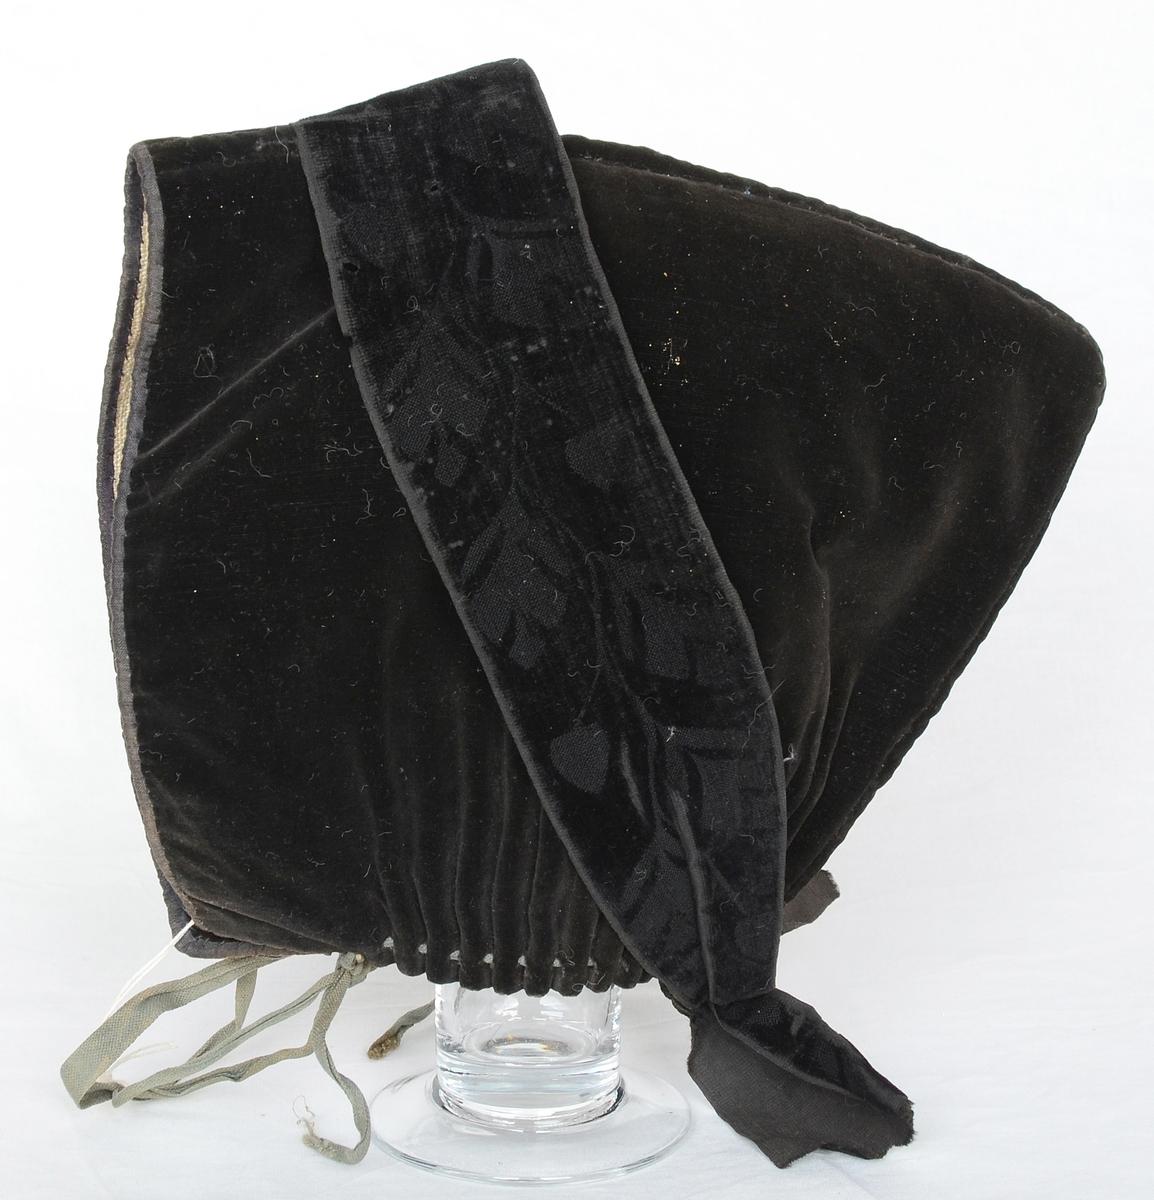 """Krokmössa av svart sammet med linnefoder, veckad i nederkanten med ett band igenomträtt i vecken, bandet långt för knytning. Ett svart sammetsband snett över mössan knytes med en knut i nacken. Till mössan bärs ett rakt stycke så kallad """"knytting"""". Vid kyrkobesök bärs ett broderat stycke och vid sorg bärs ett helt slätt stycke. Alfta och Ovanåker har båda denna kvinnomössa, men den ena socknen har större pik på mössan."""